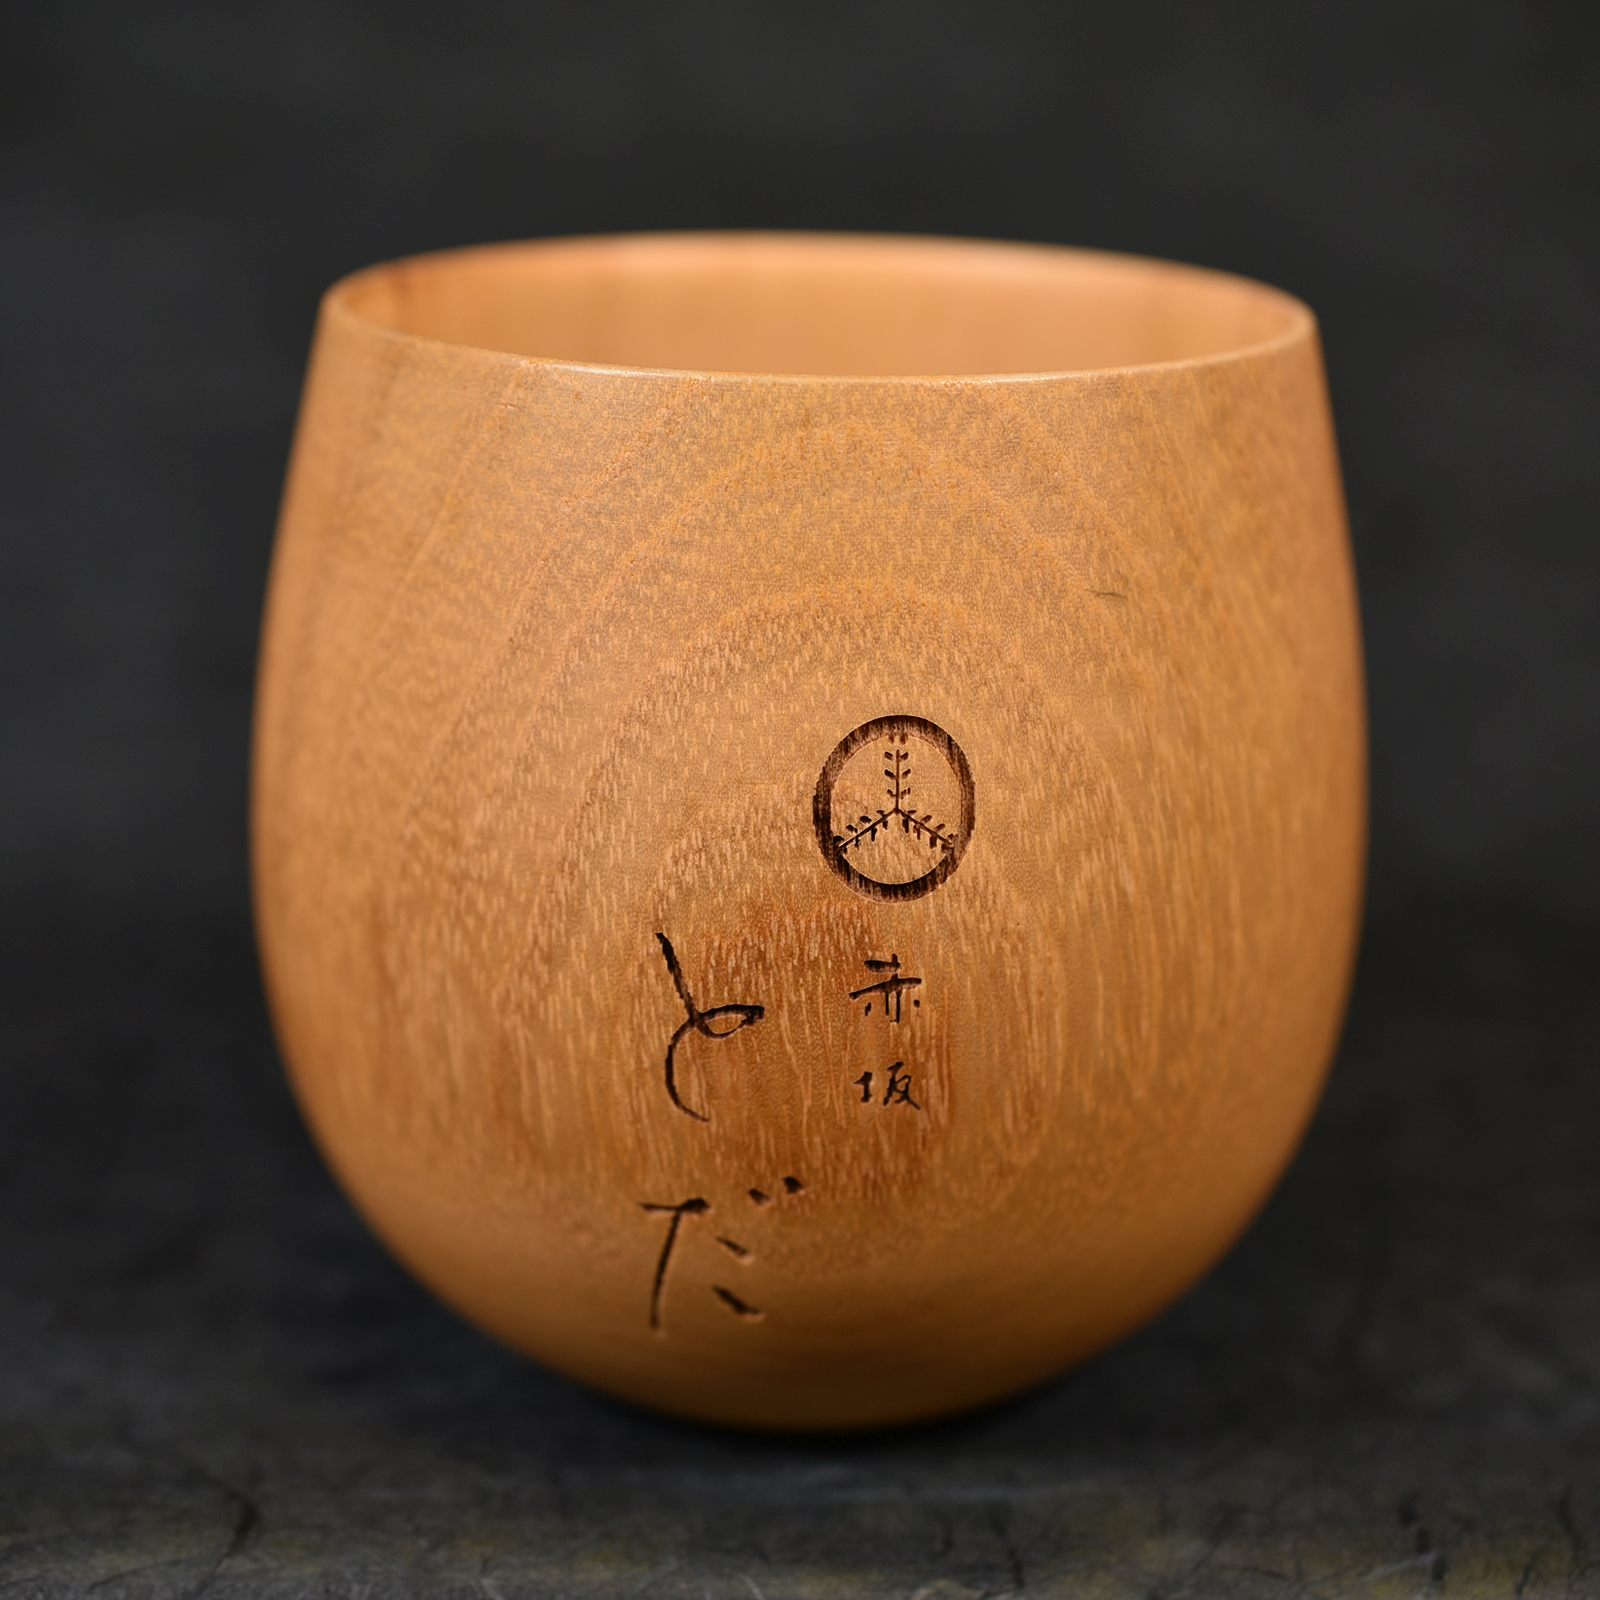 赤坂とだ オリジナル木製タンブラー